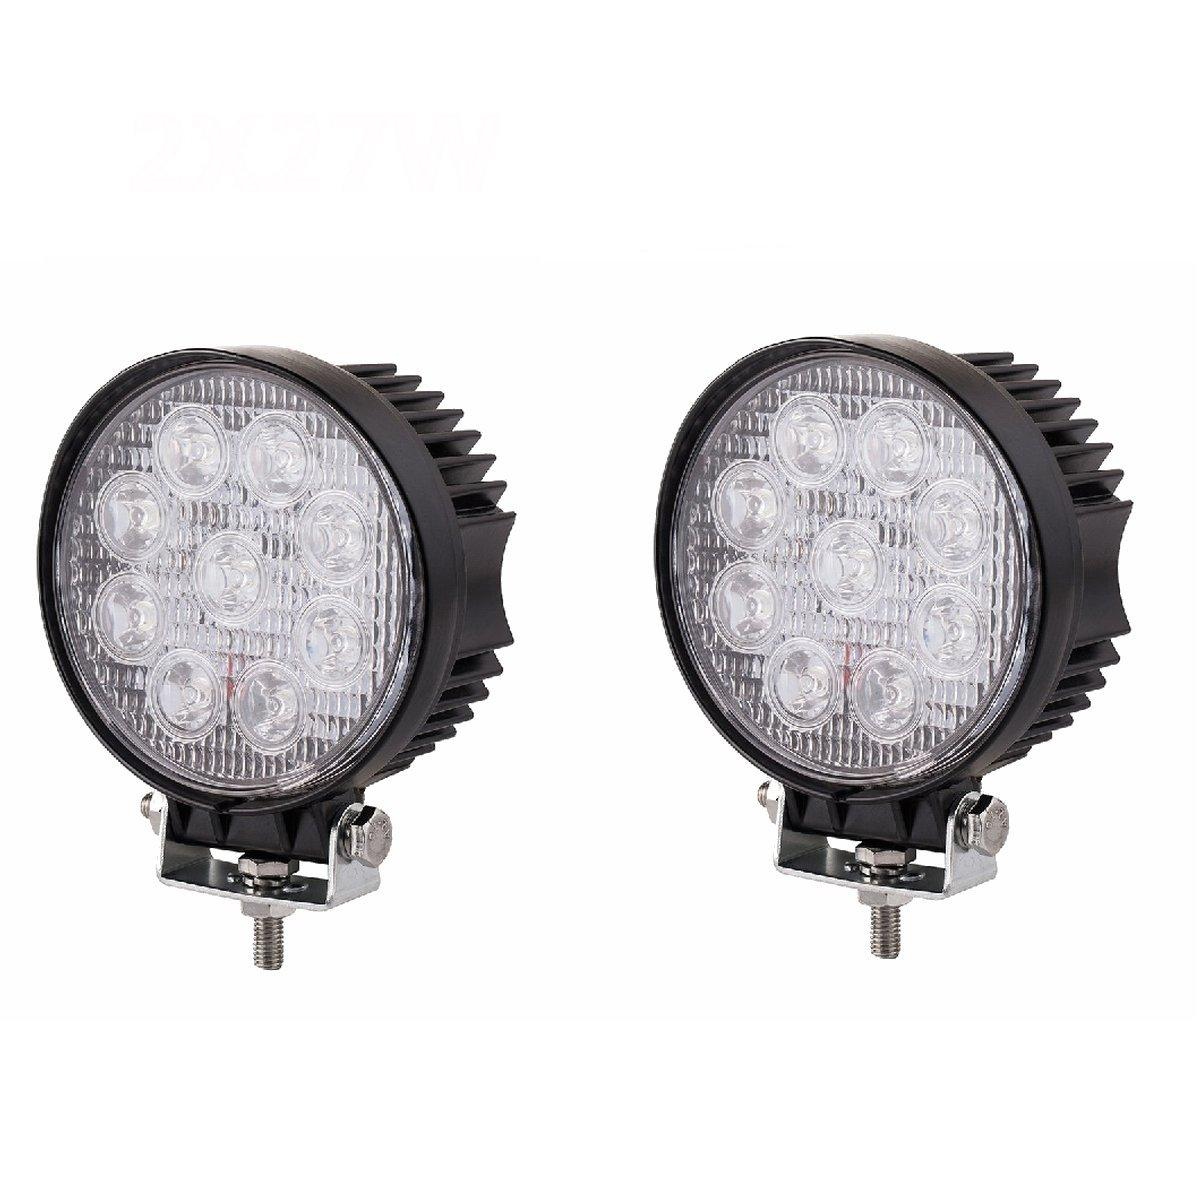 MCTECH 2 X 27W Rotondo FARO DA LAVORO LUCE DI PROFONDITA' A LED 27W 12V 24V LED Lampada Lavoro Offroad Faro SUV UTV ATV di retromarcia IP67